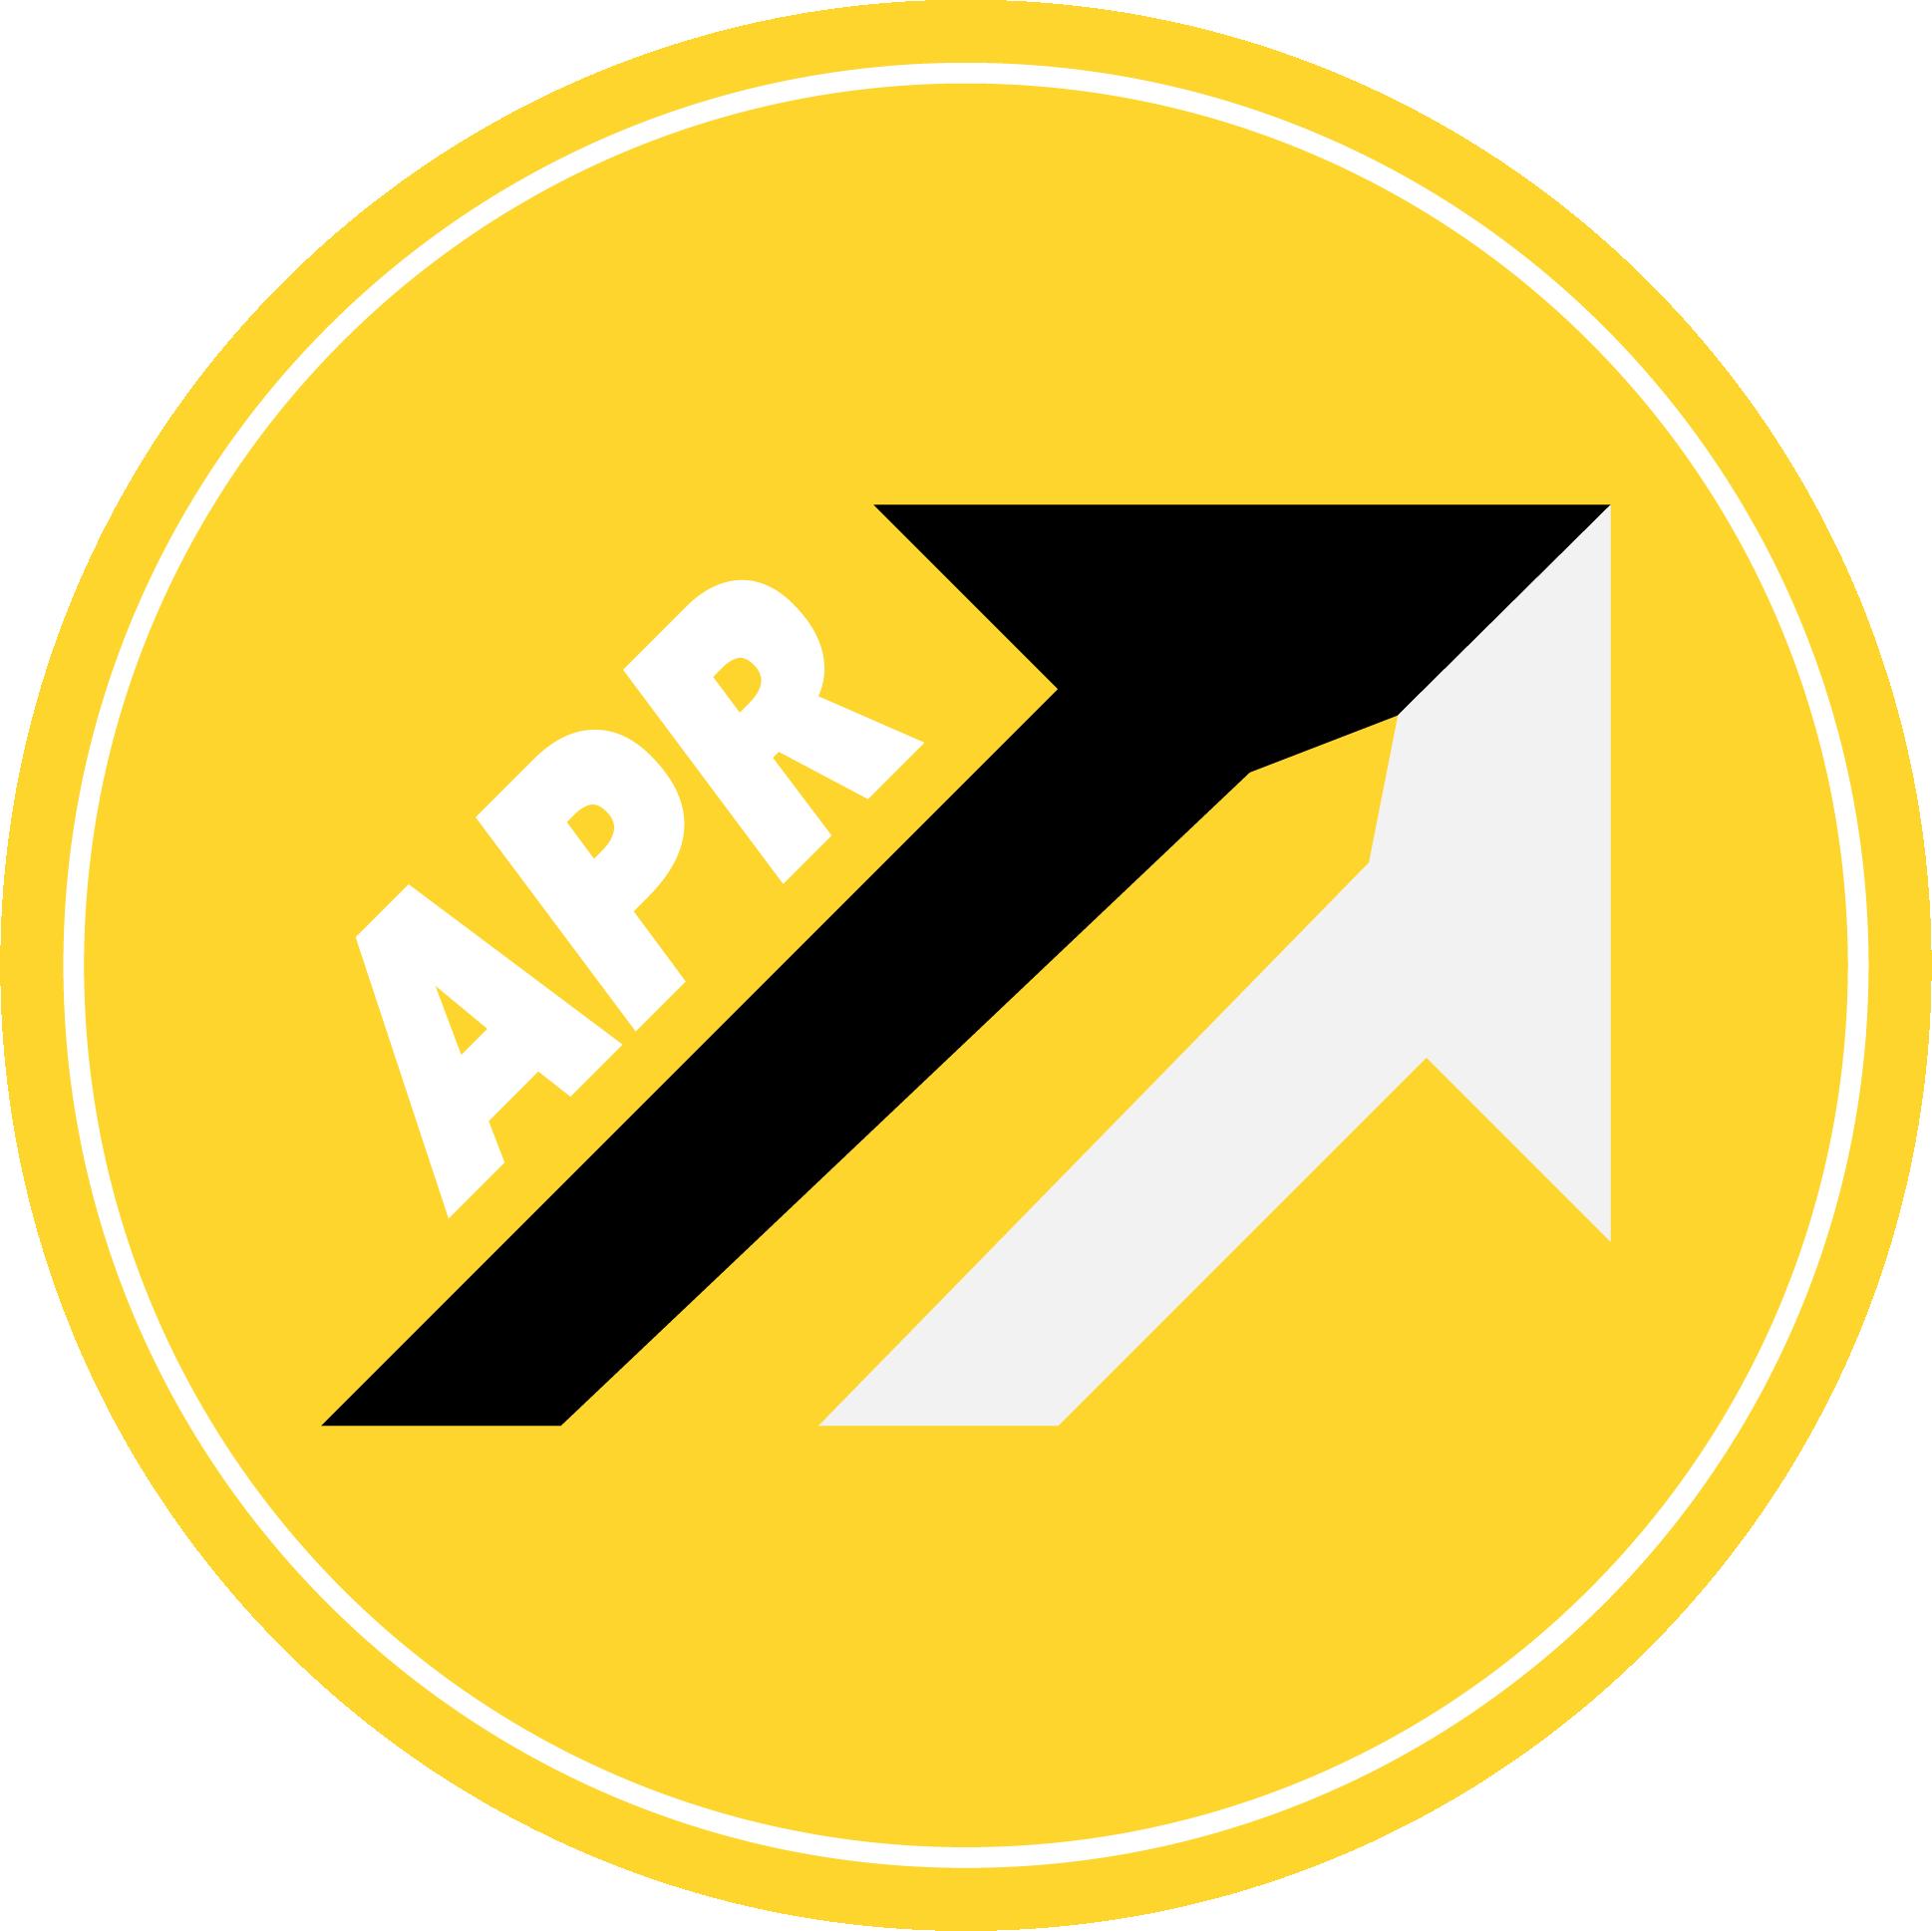 APR Coin (APR) coin